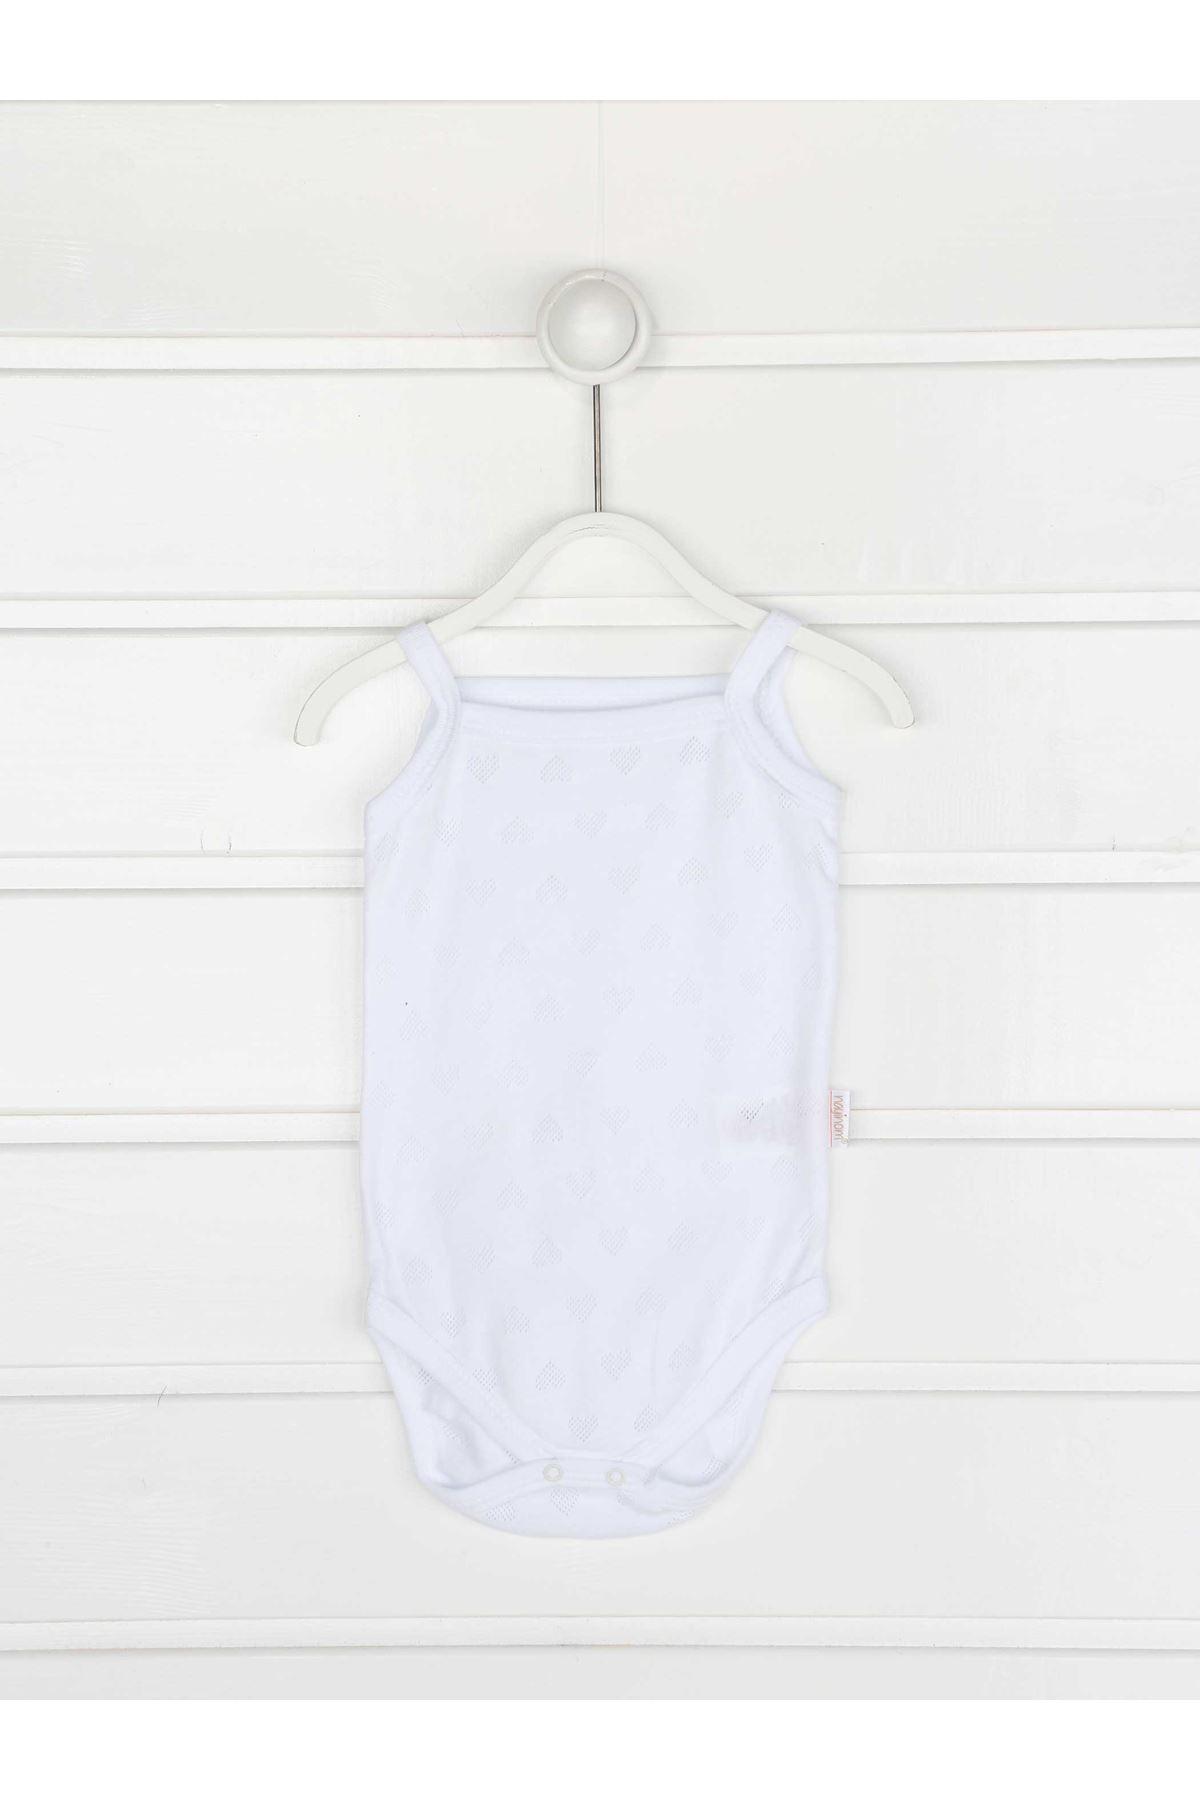 Beyaz İp Askılı Kız Bebek Badi